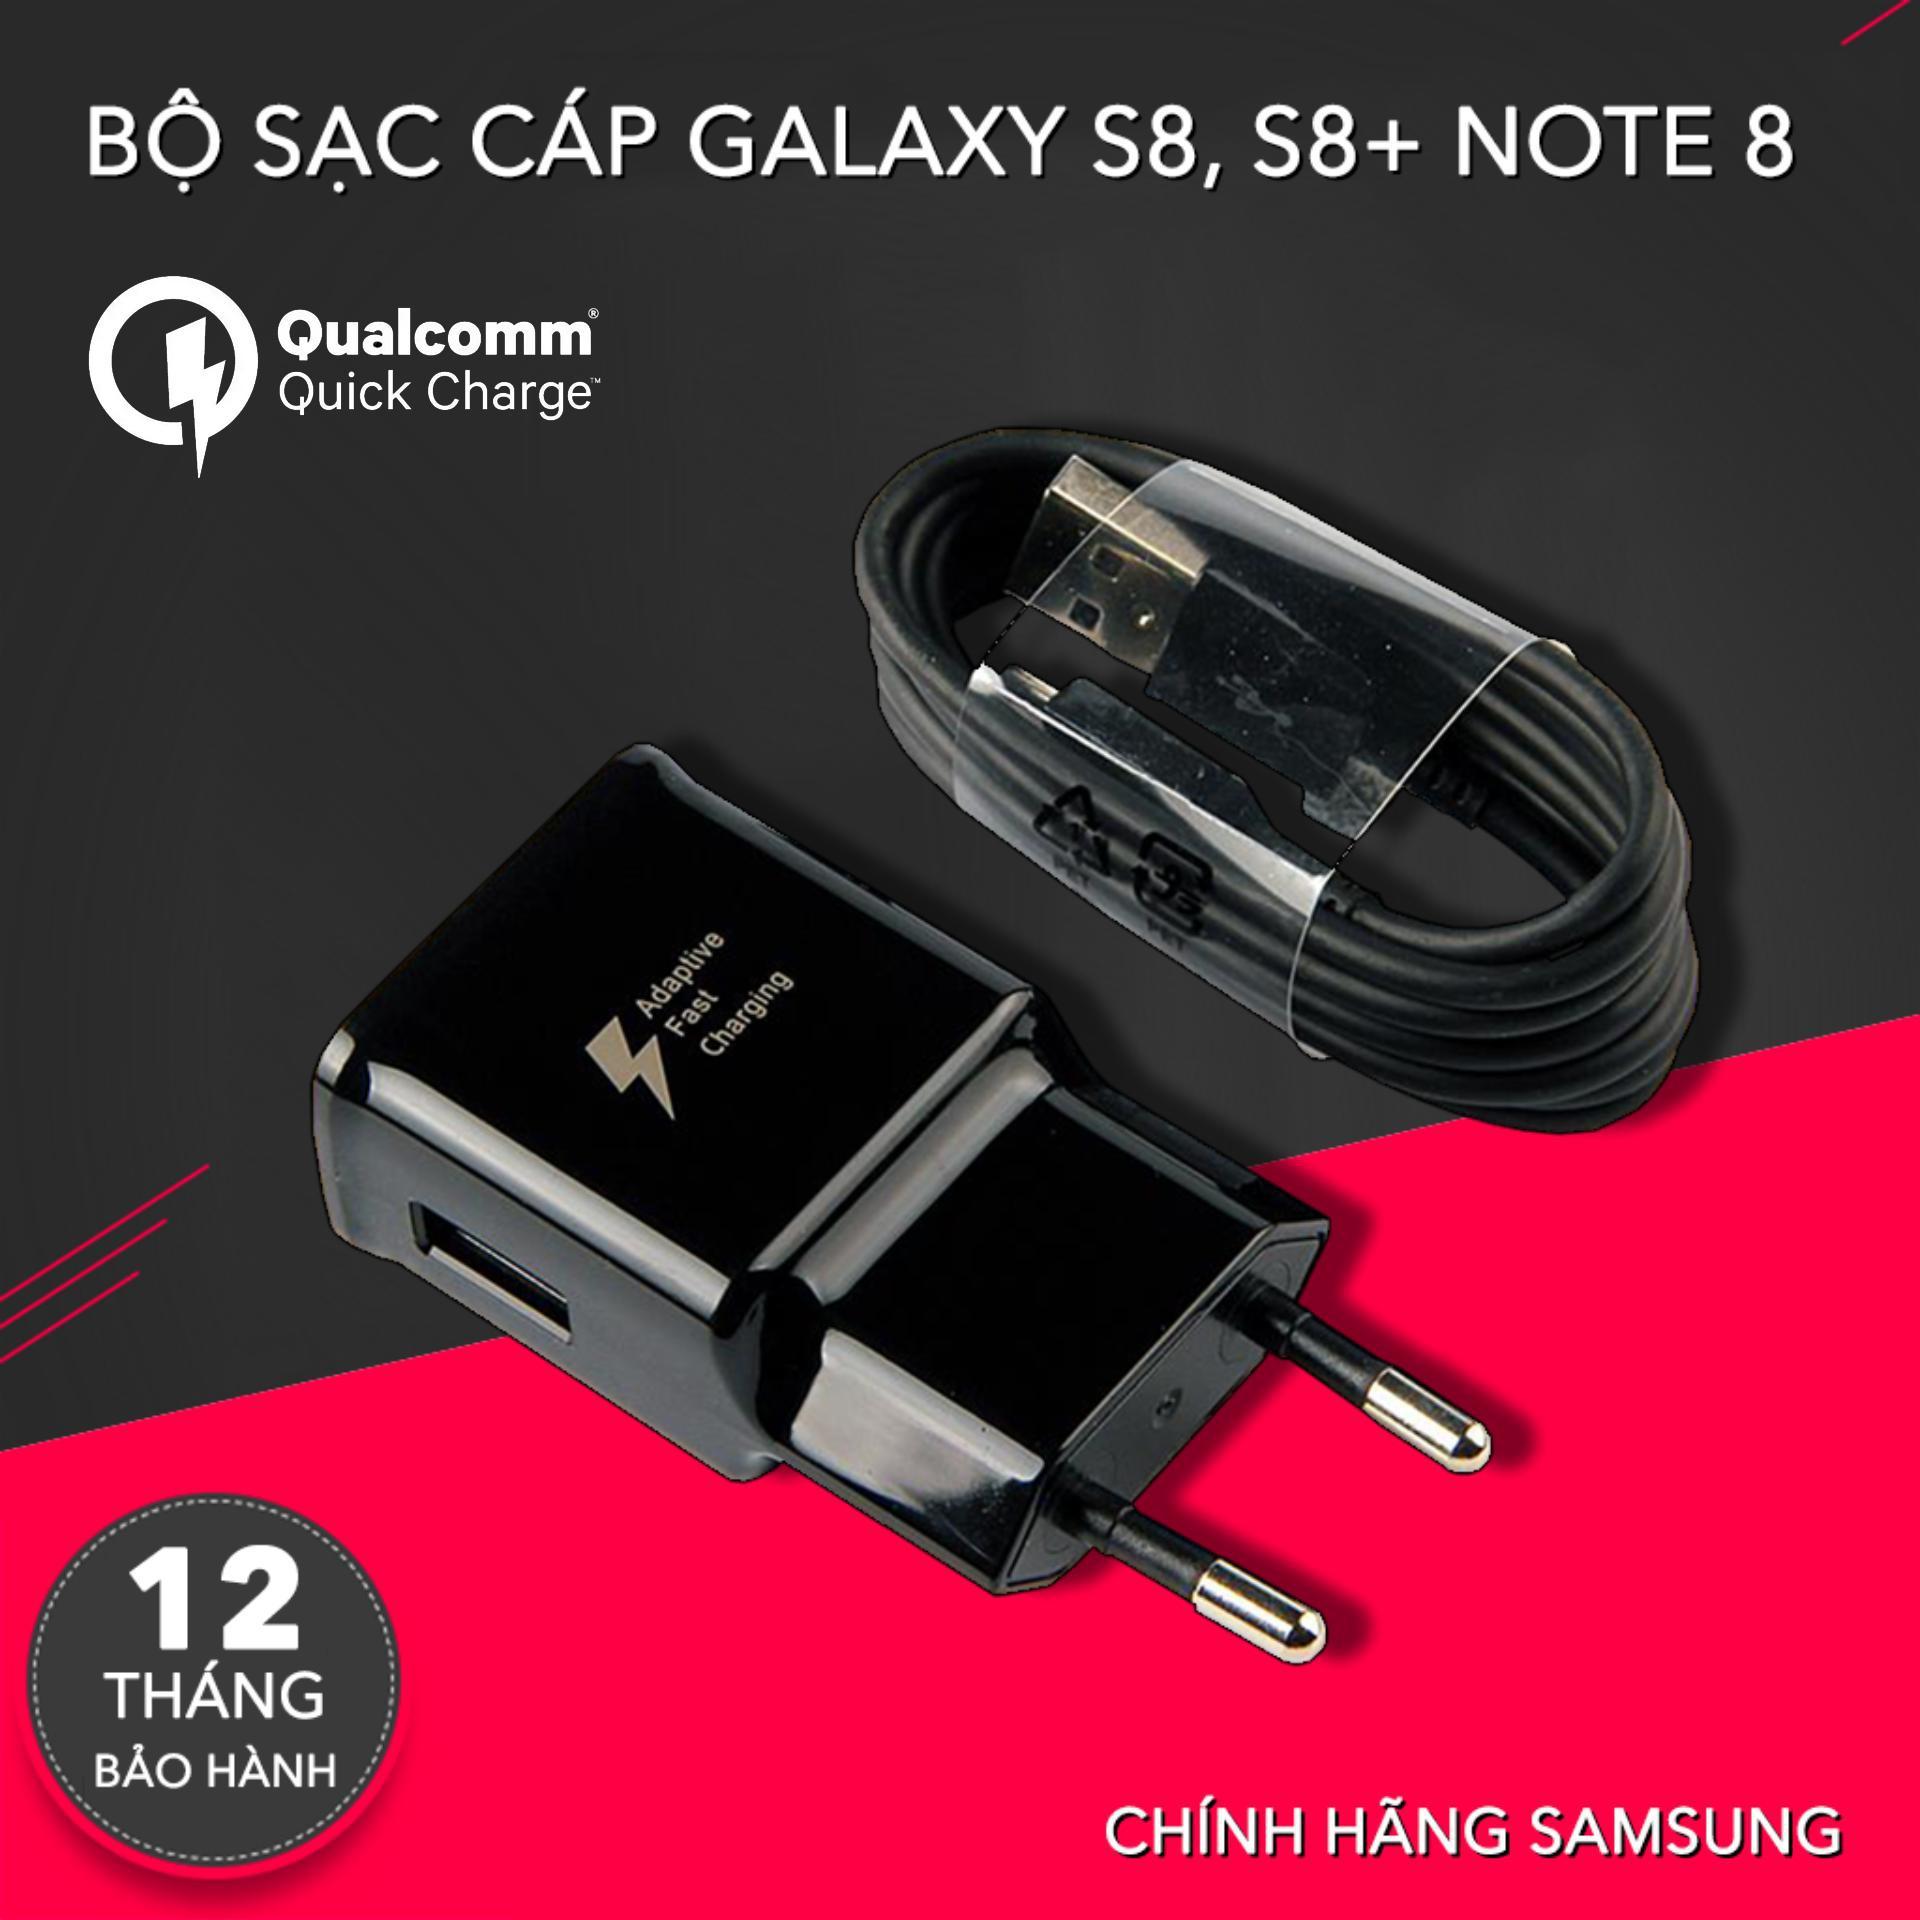 Hình ảnh Bộ củ sạc và dây cáp cho Samsung Galaxy S8 / S8 Plus - Hàng made in Việt Nam, hỗ trợ sạc nhanh Qualcomm, Cáp Type C dài 1.2-2m